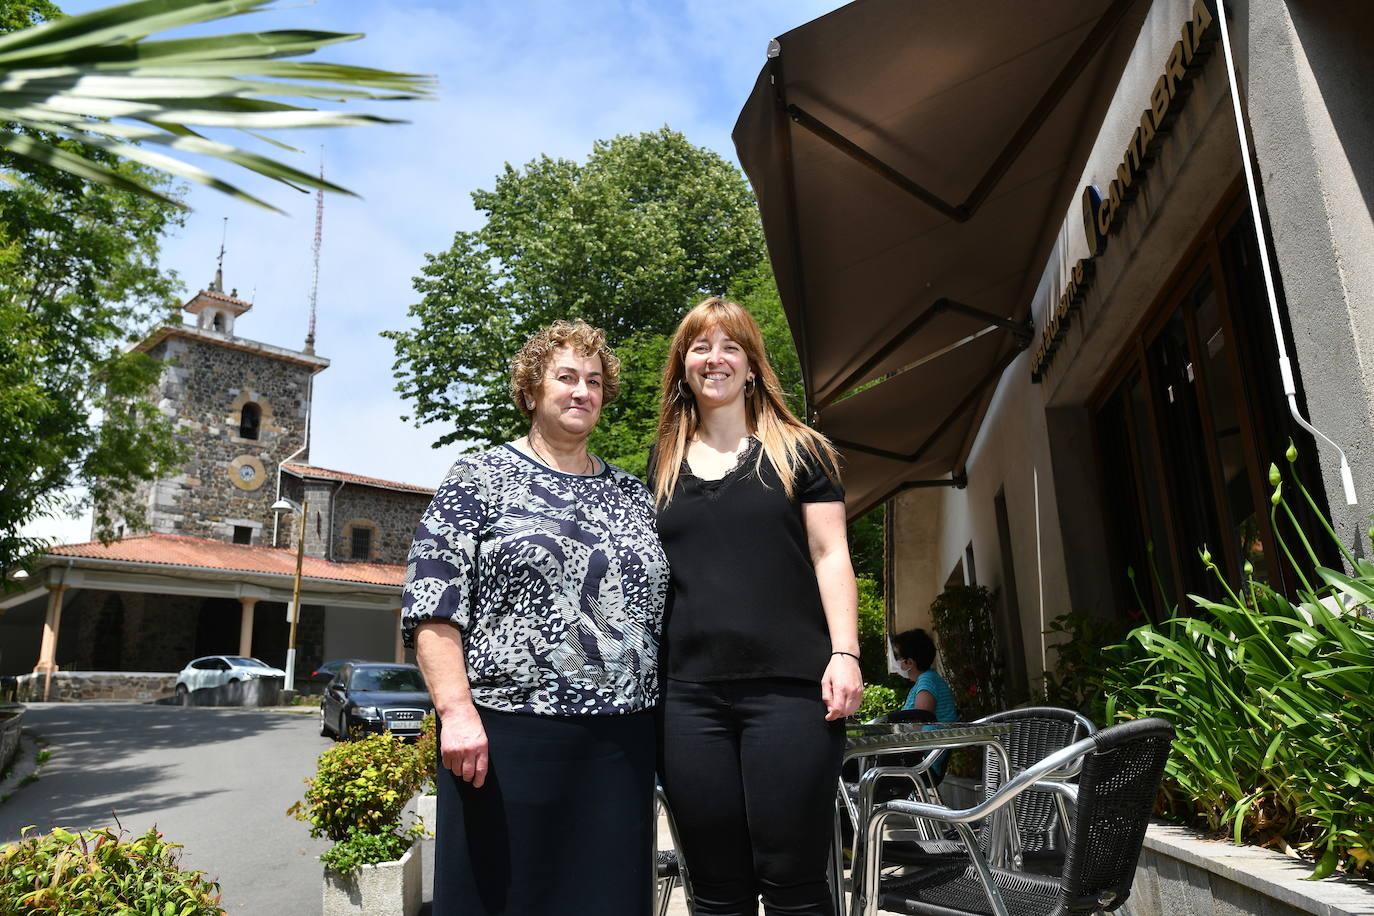 Maite y Lorea, frente a su restaurante, Kantabria, cerca del santuario de Arrate.